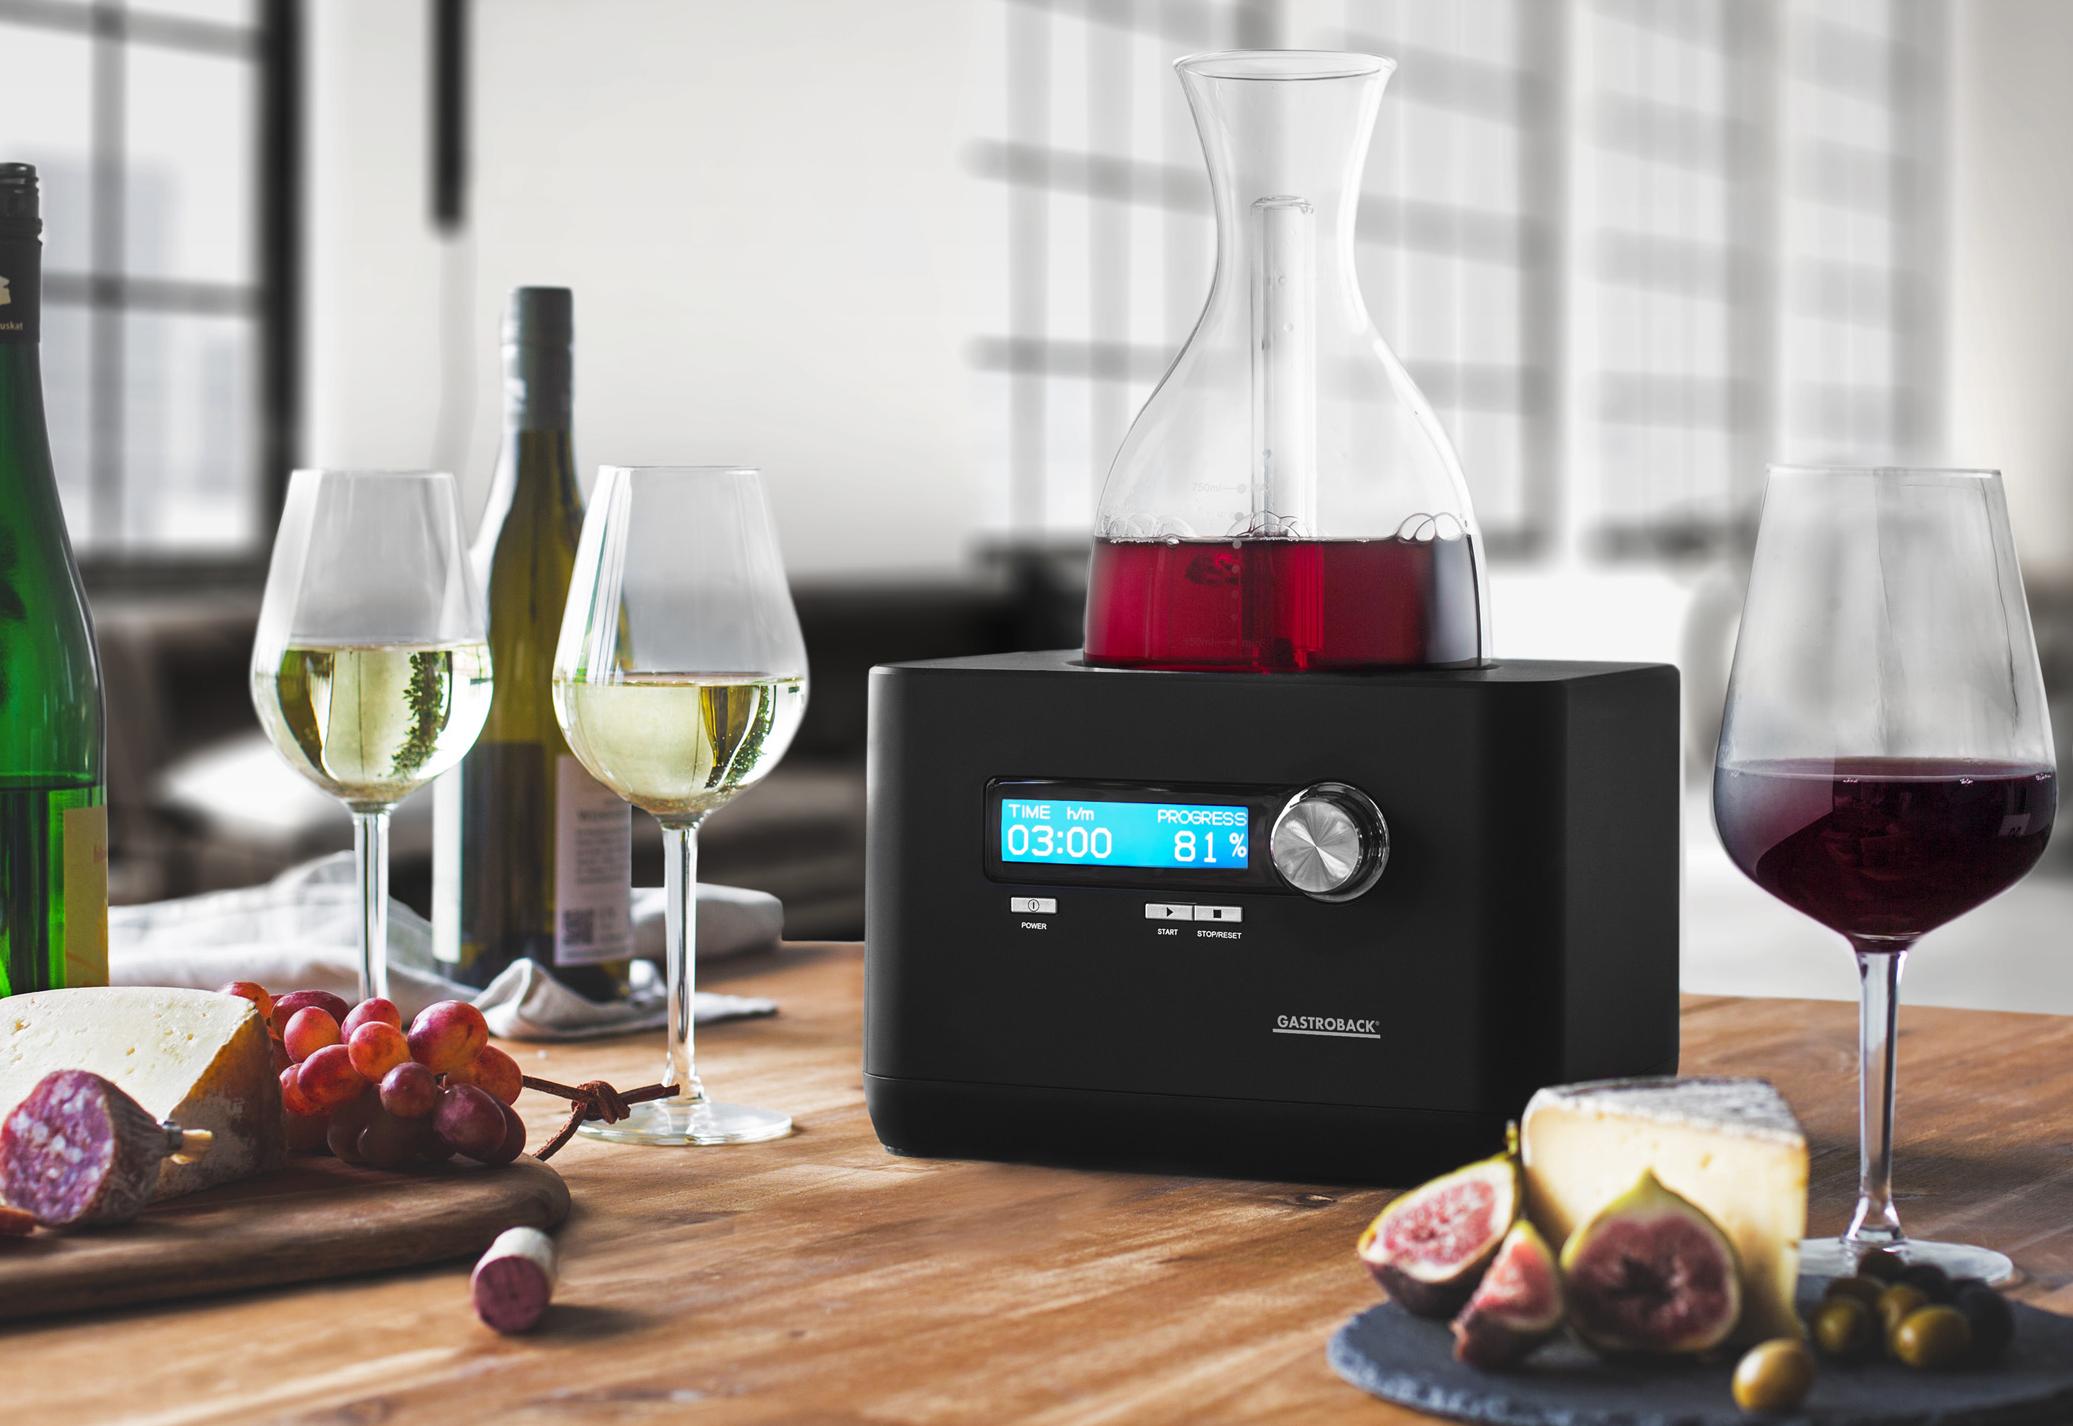 <h1>Gastroback Home Sommelier</h1><h3 style='font-size: 20px; margin: 0px 0px 15px 0px;'> -Belüftung des Weines mit hochkonzentriertem Sauerstoff</h3>